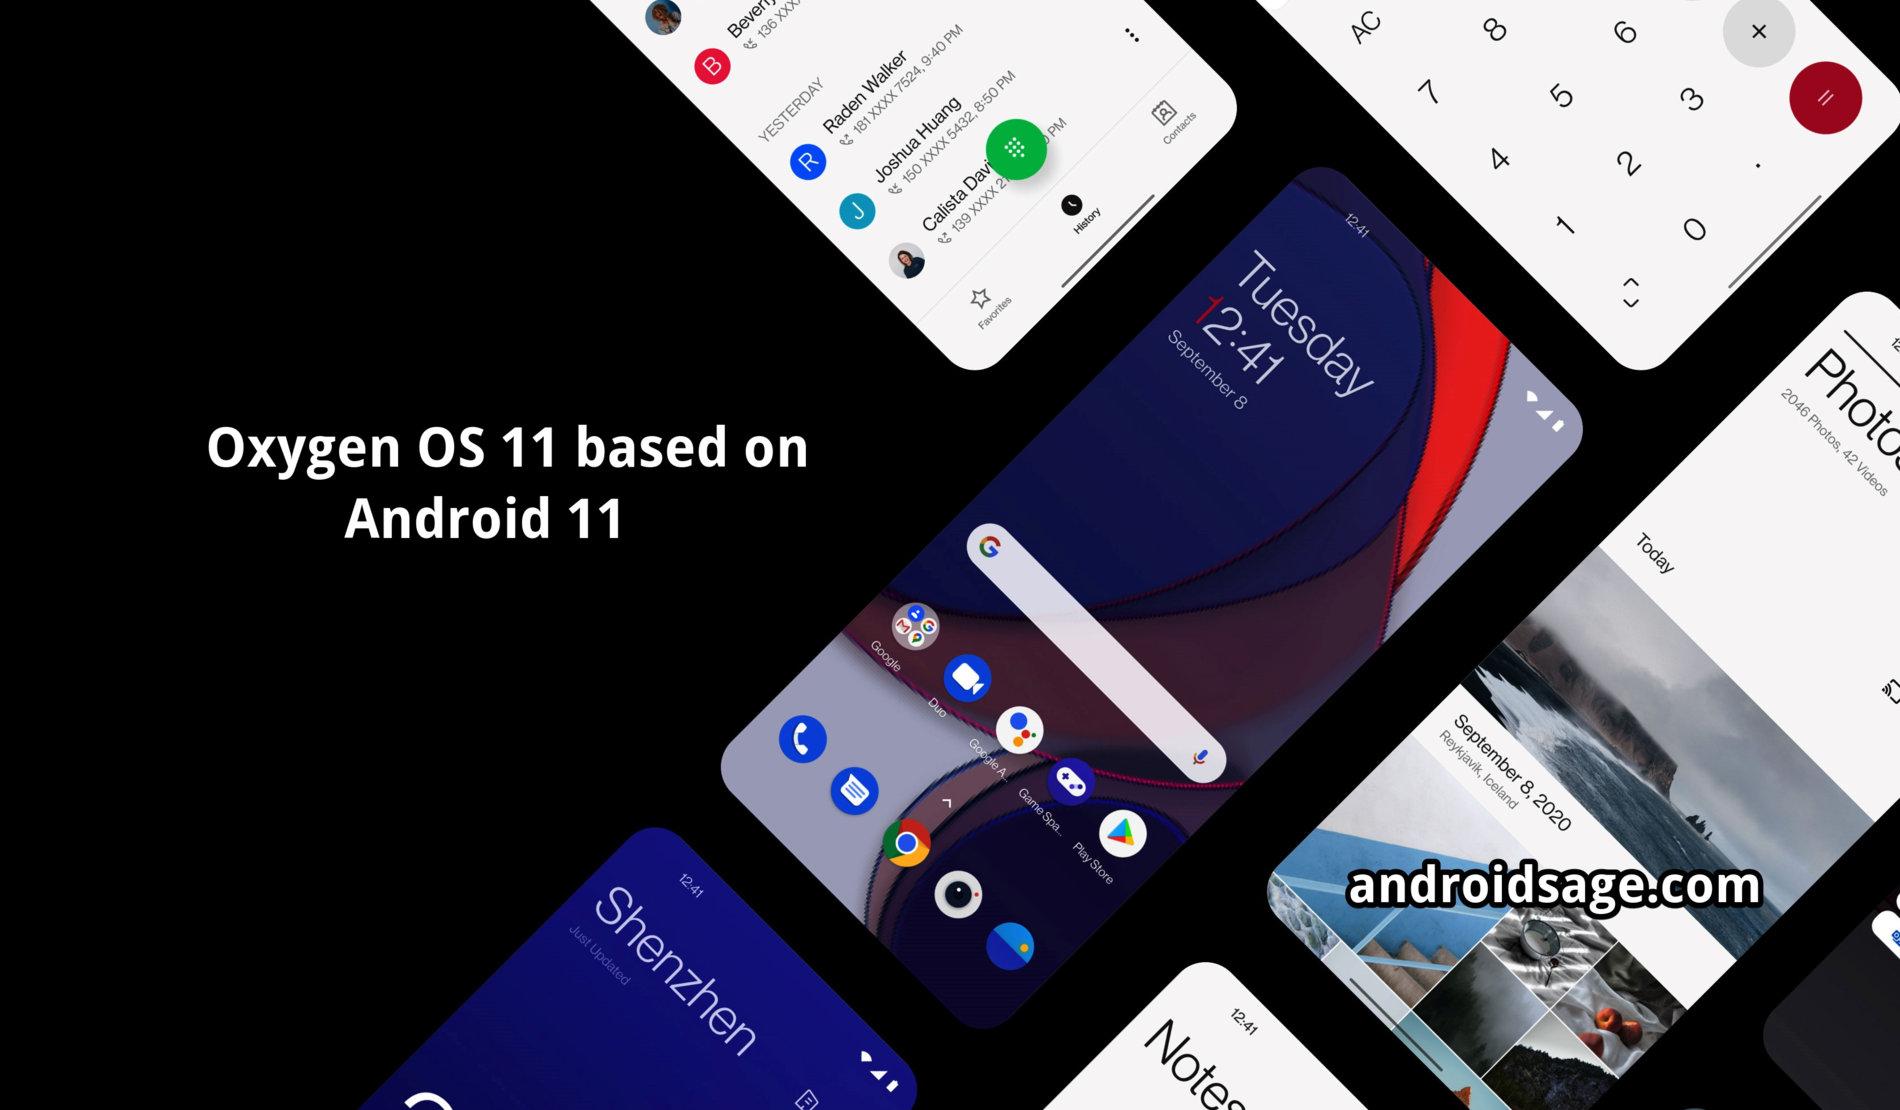 ستحصل سلسلة OnePlus 7 و 7T على Android 11 في تحديث Open Beta التالي استنادًا إلى Oxygen OS 11 1